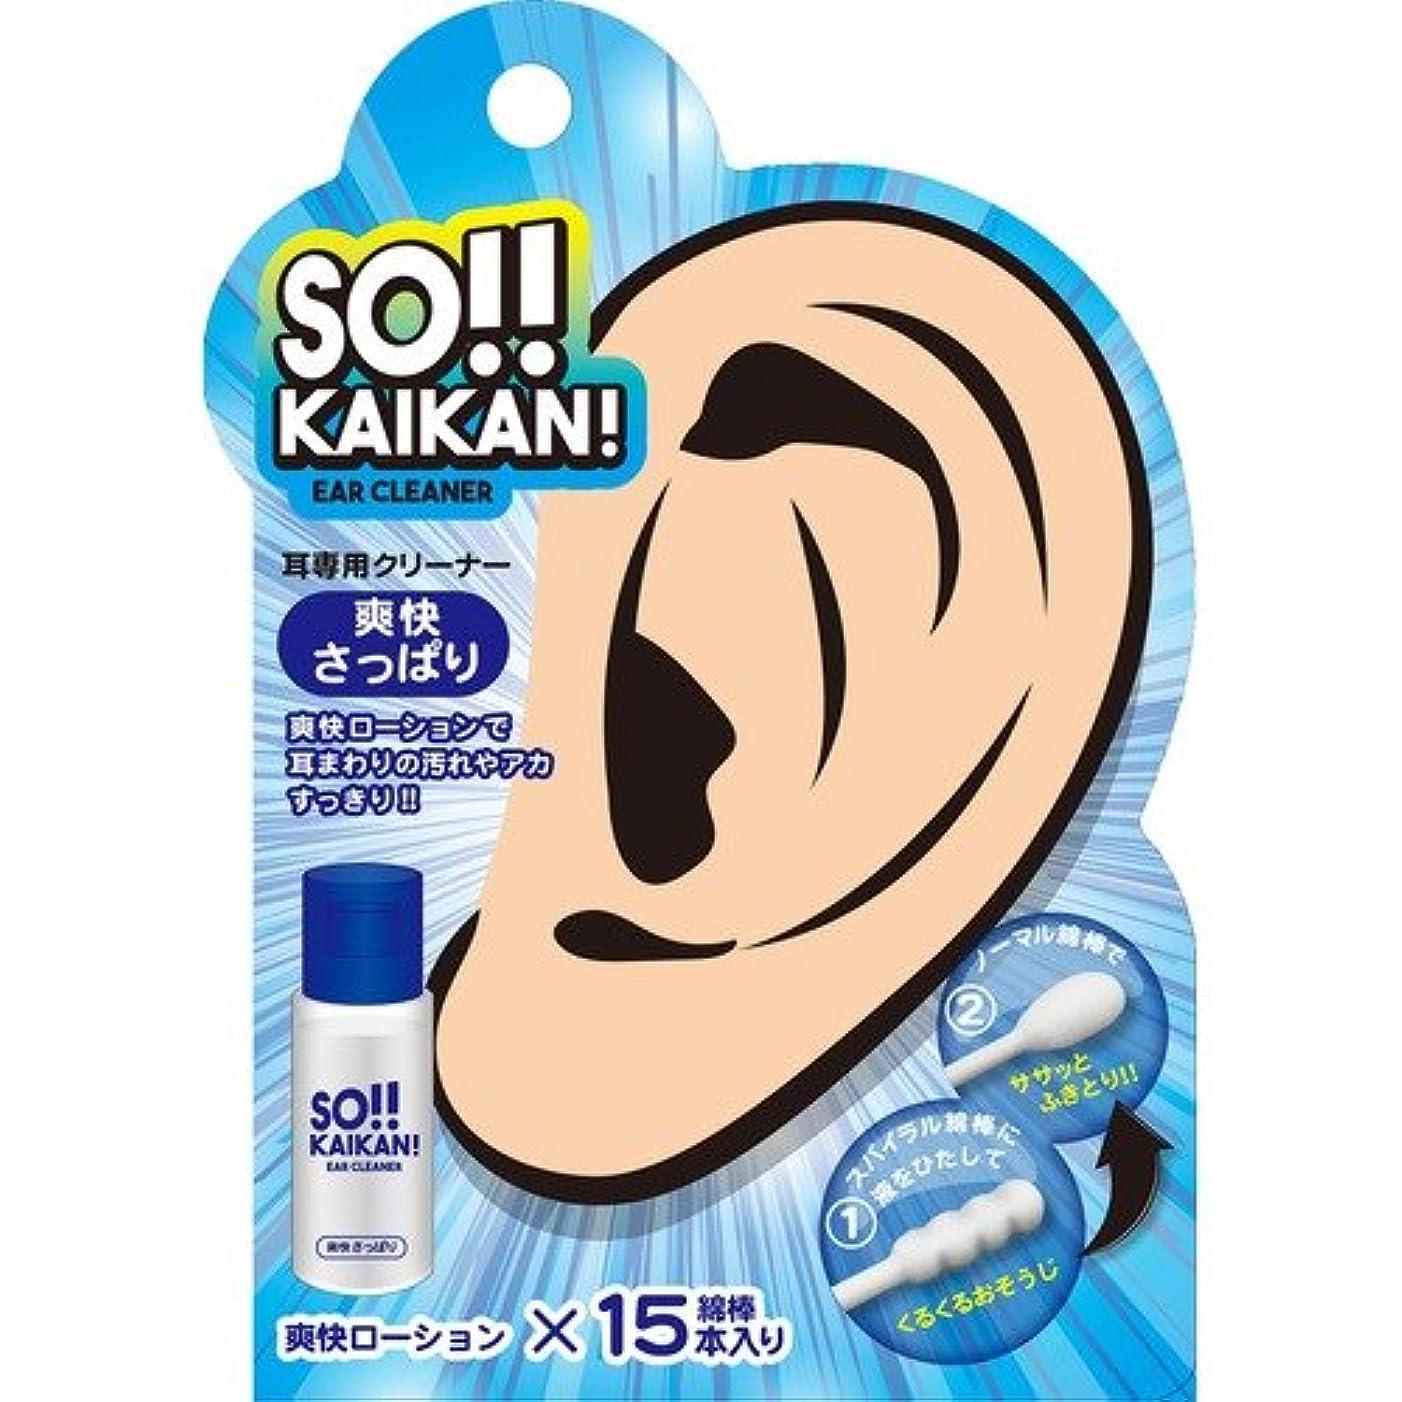 ピニオンアコード乳剤ソウカイカン 耳クリーナー 爽快さっぱり